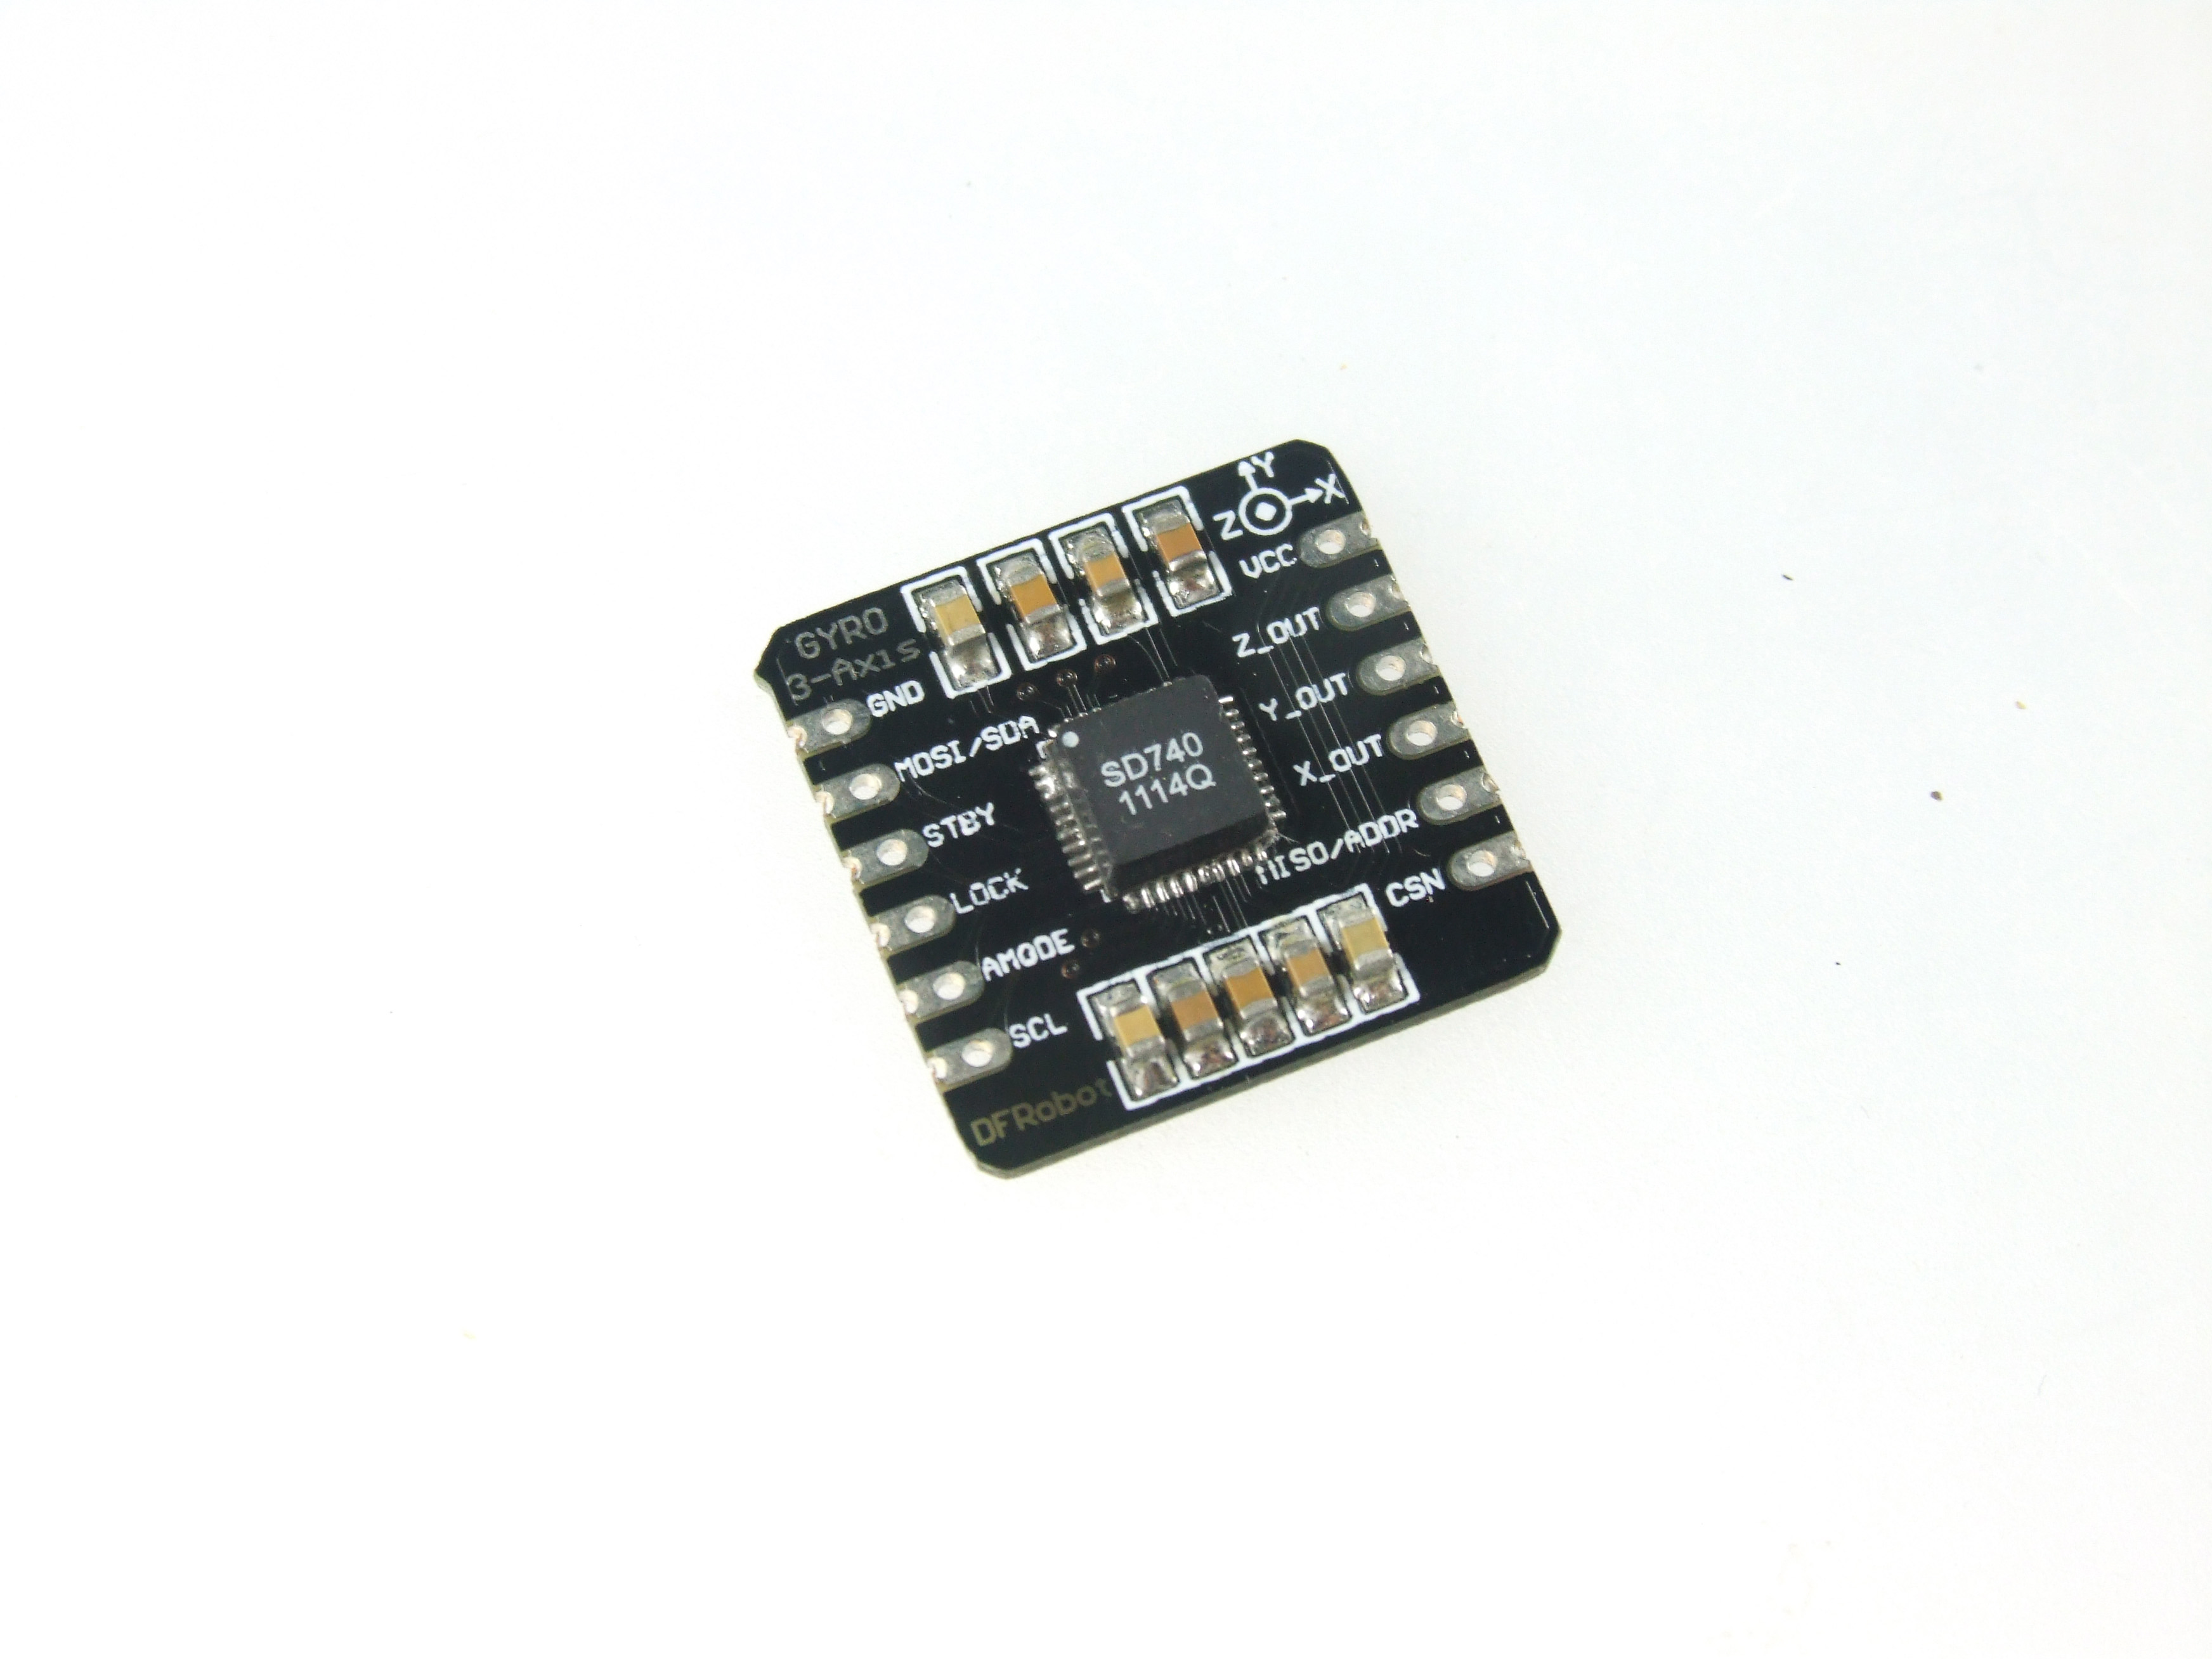 SD740 Triple Axis Gyro